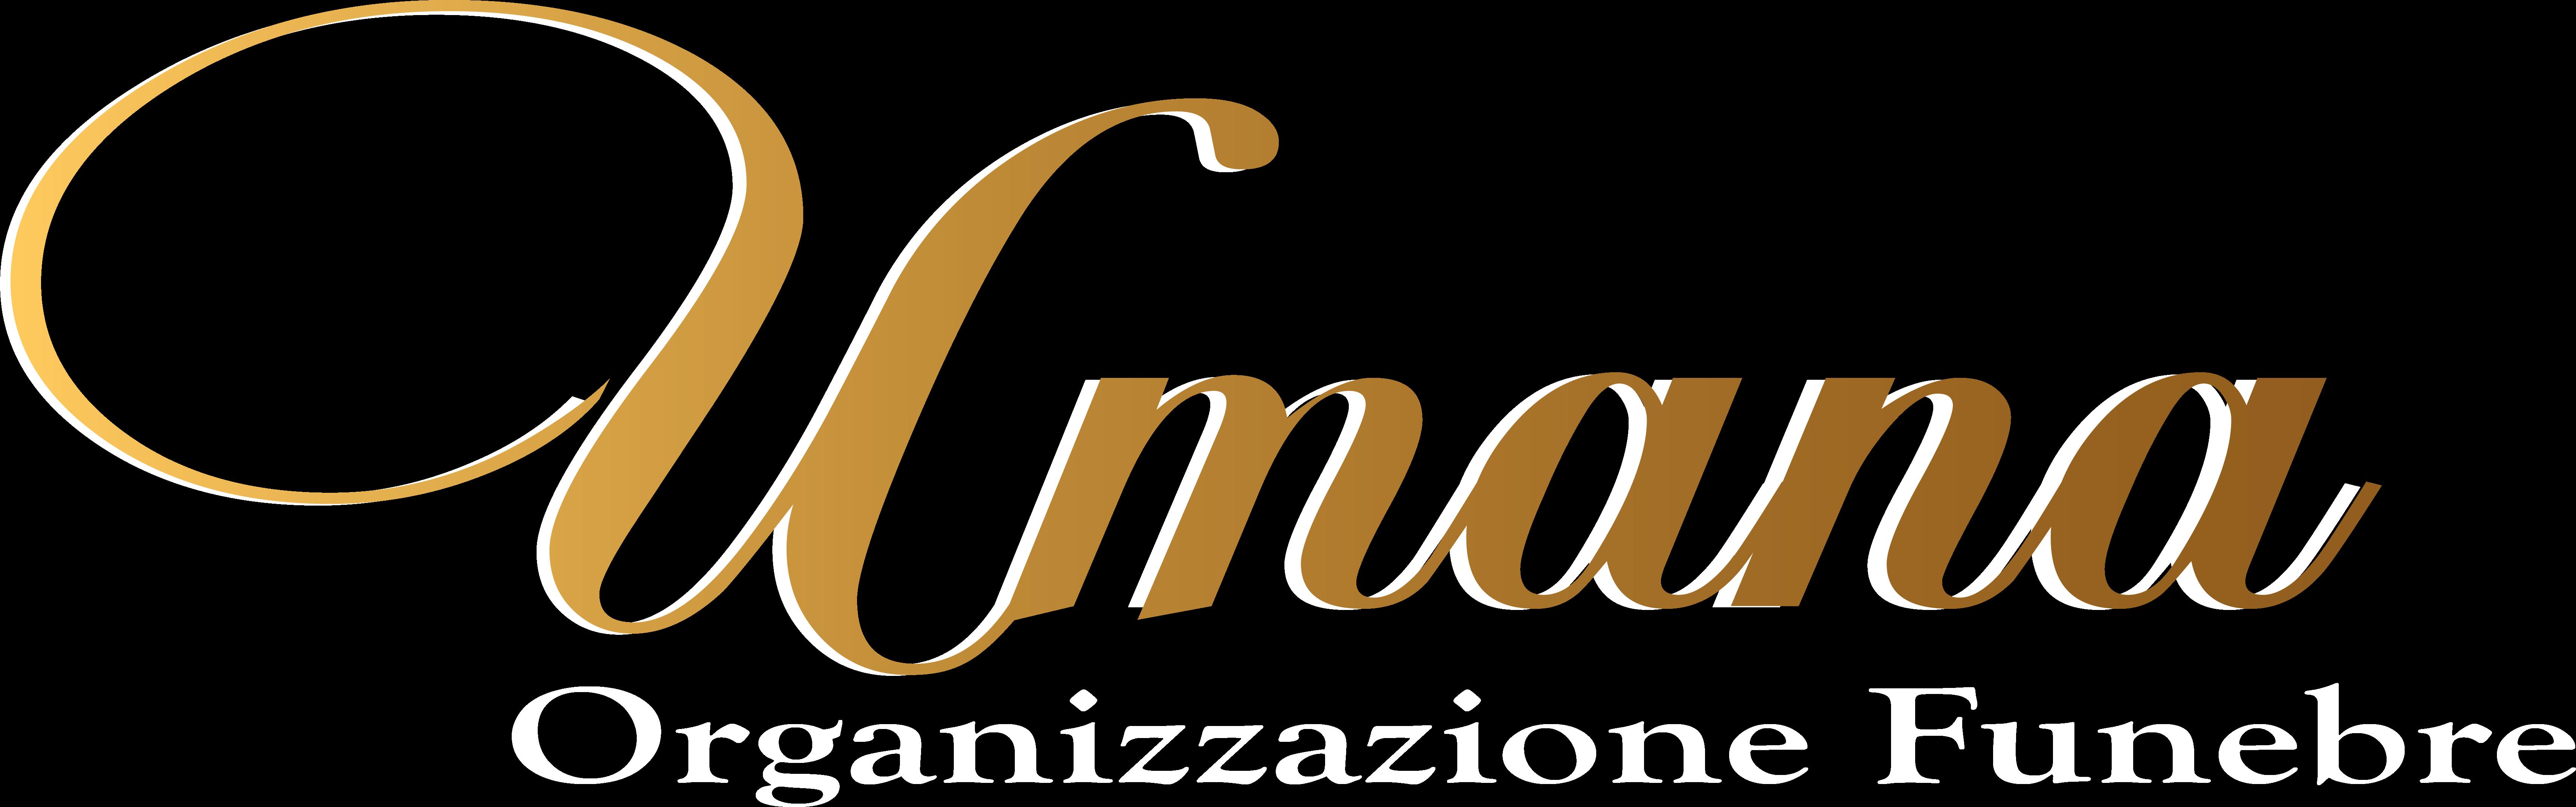 Umana Fano Organizzazione funebre.